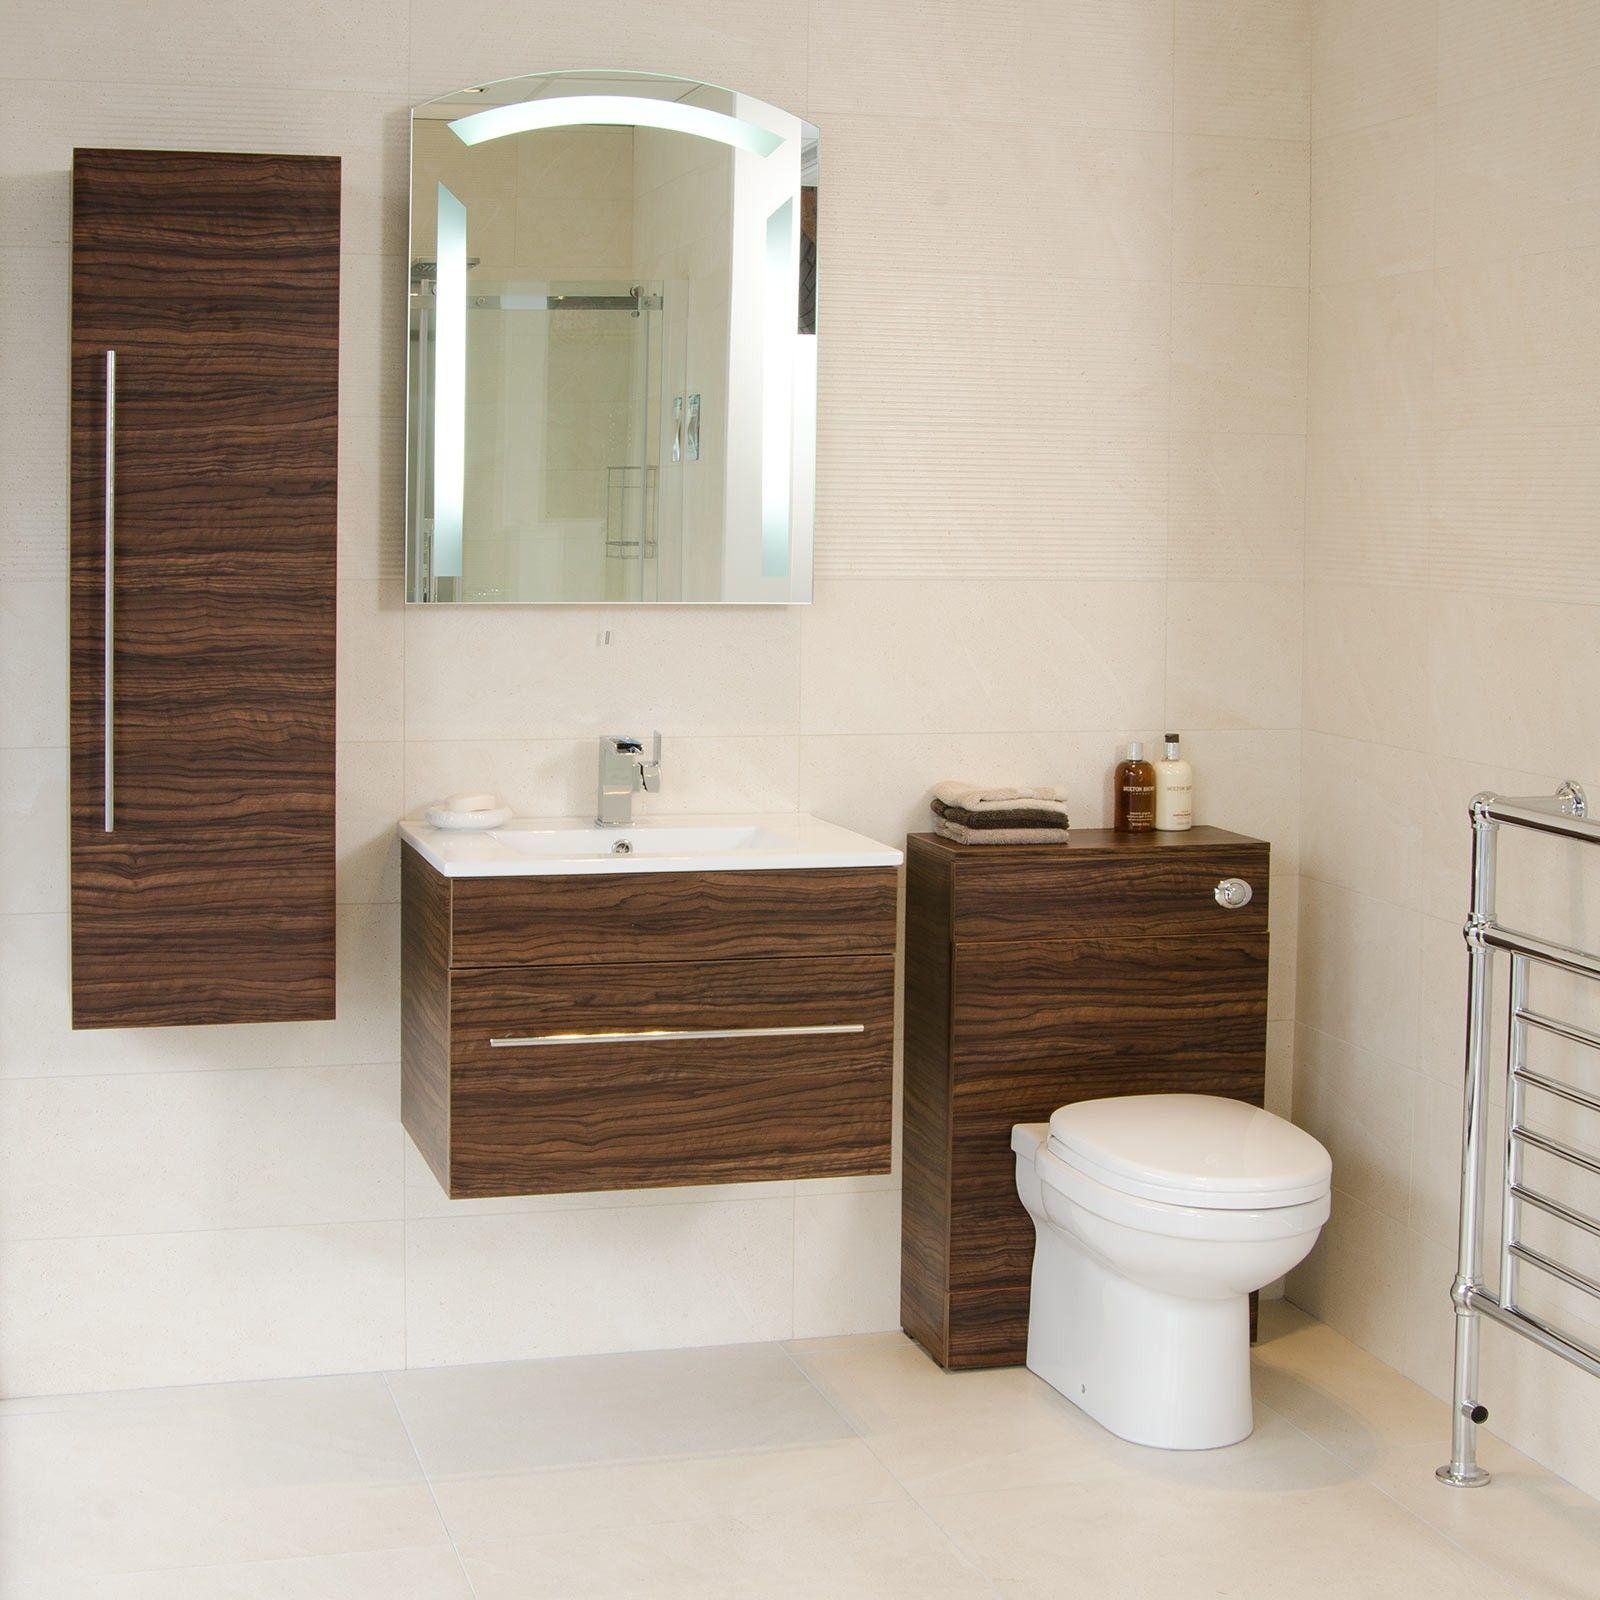 Brera Beige Wall Tile | Bathroom Ideas | Pinterest | Beige walls ...